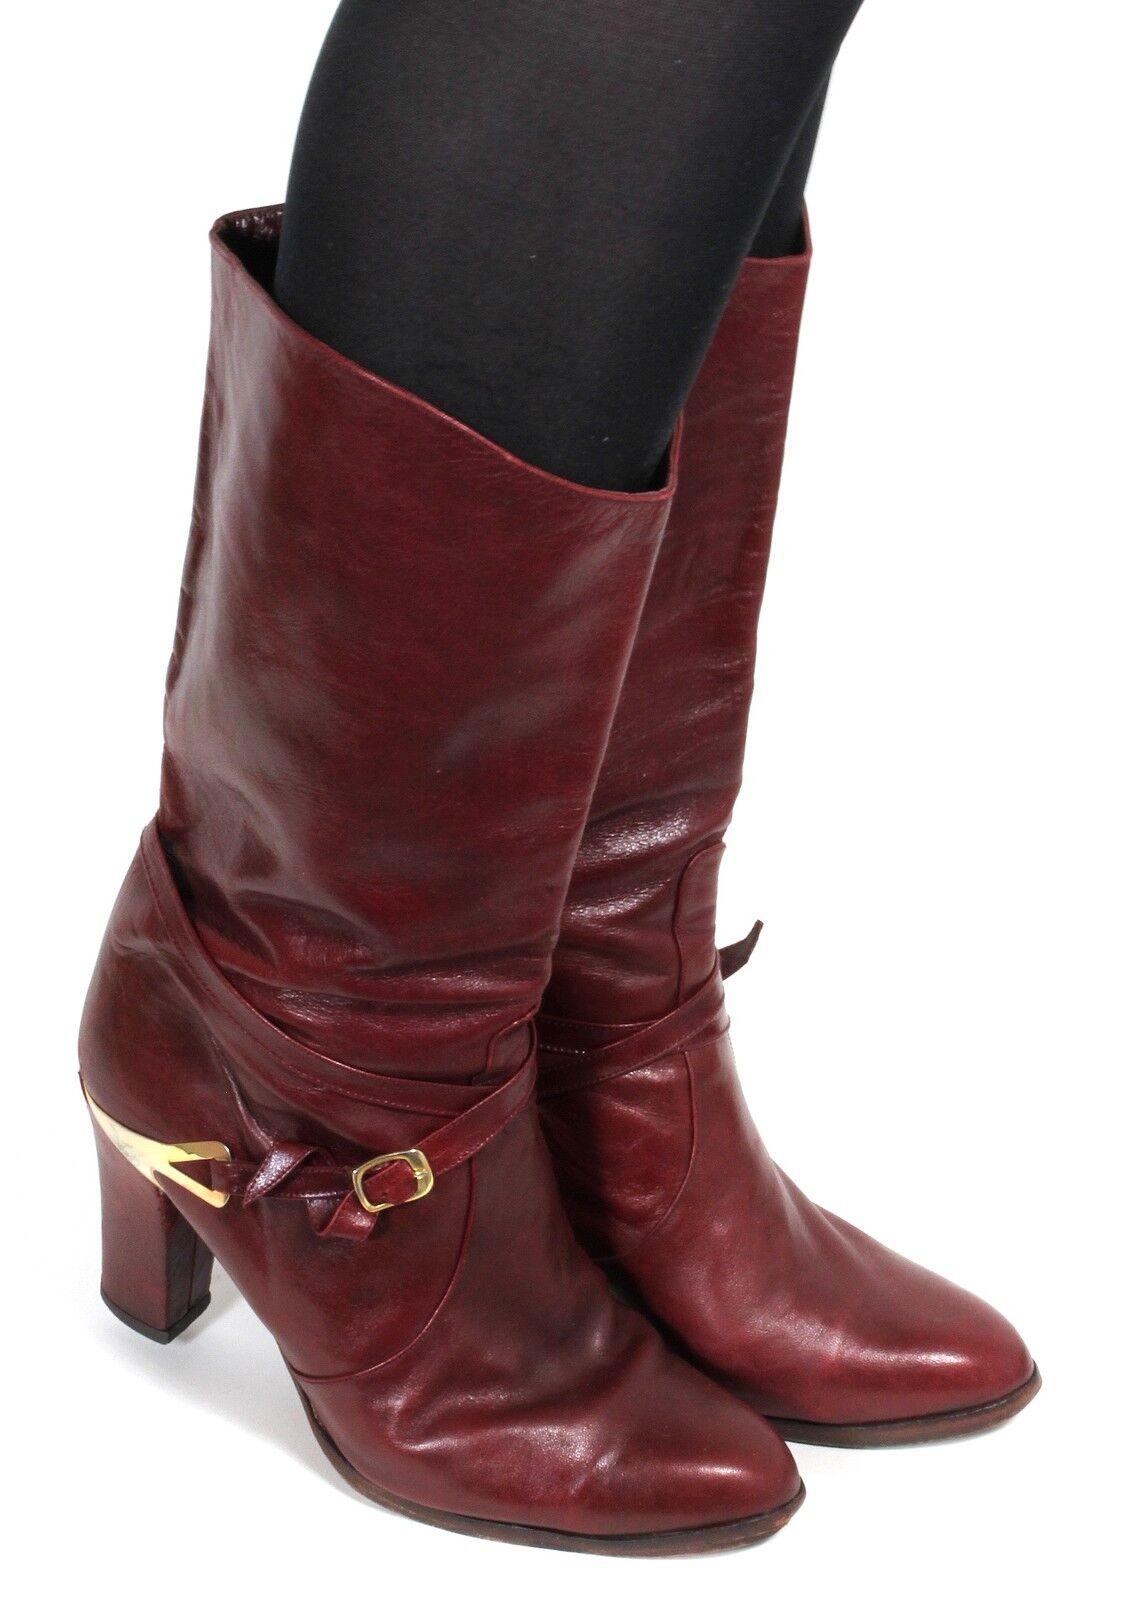 Stivali pelle stivali da donna vintage Ladies stivali Hipster blogger Cinghia oro 39